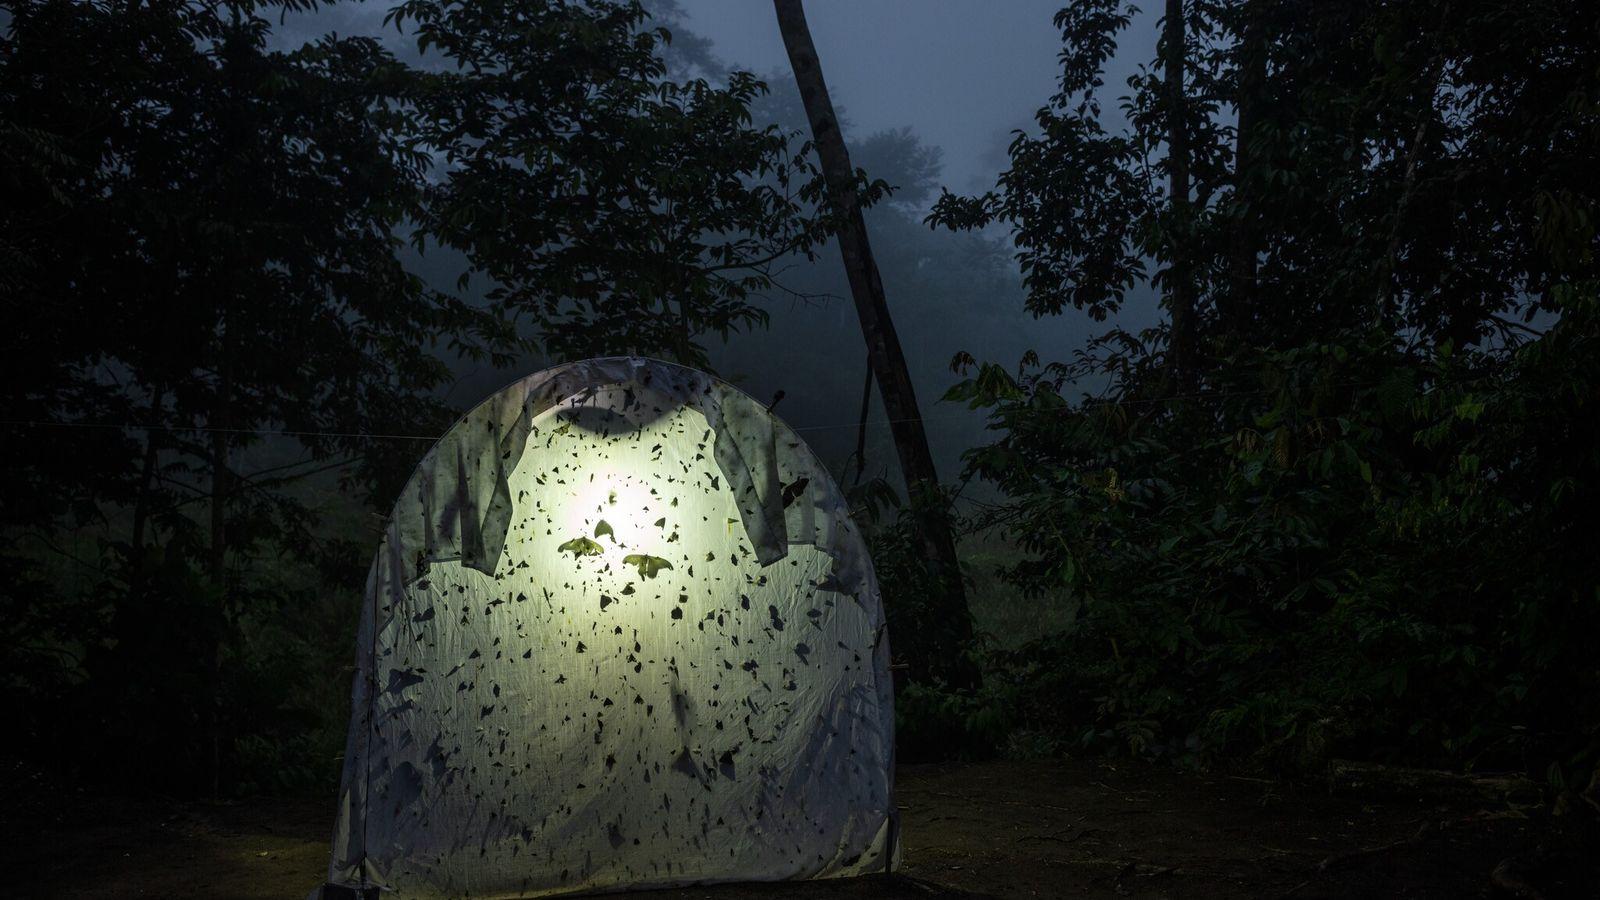 Insectos voladores nocturnos se acumulan en una sábana iluminada